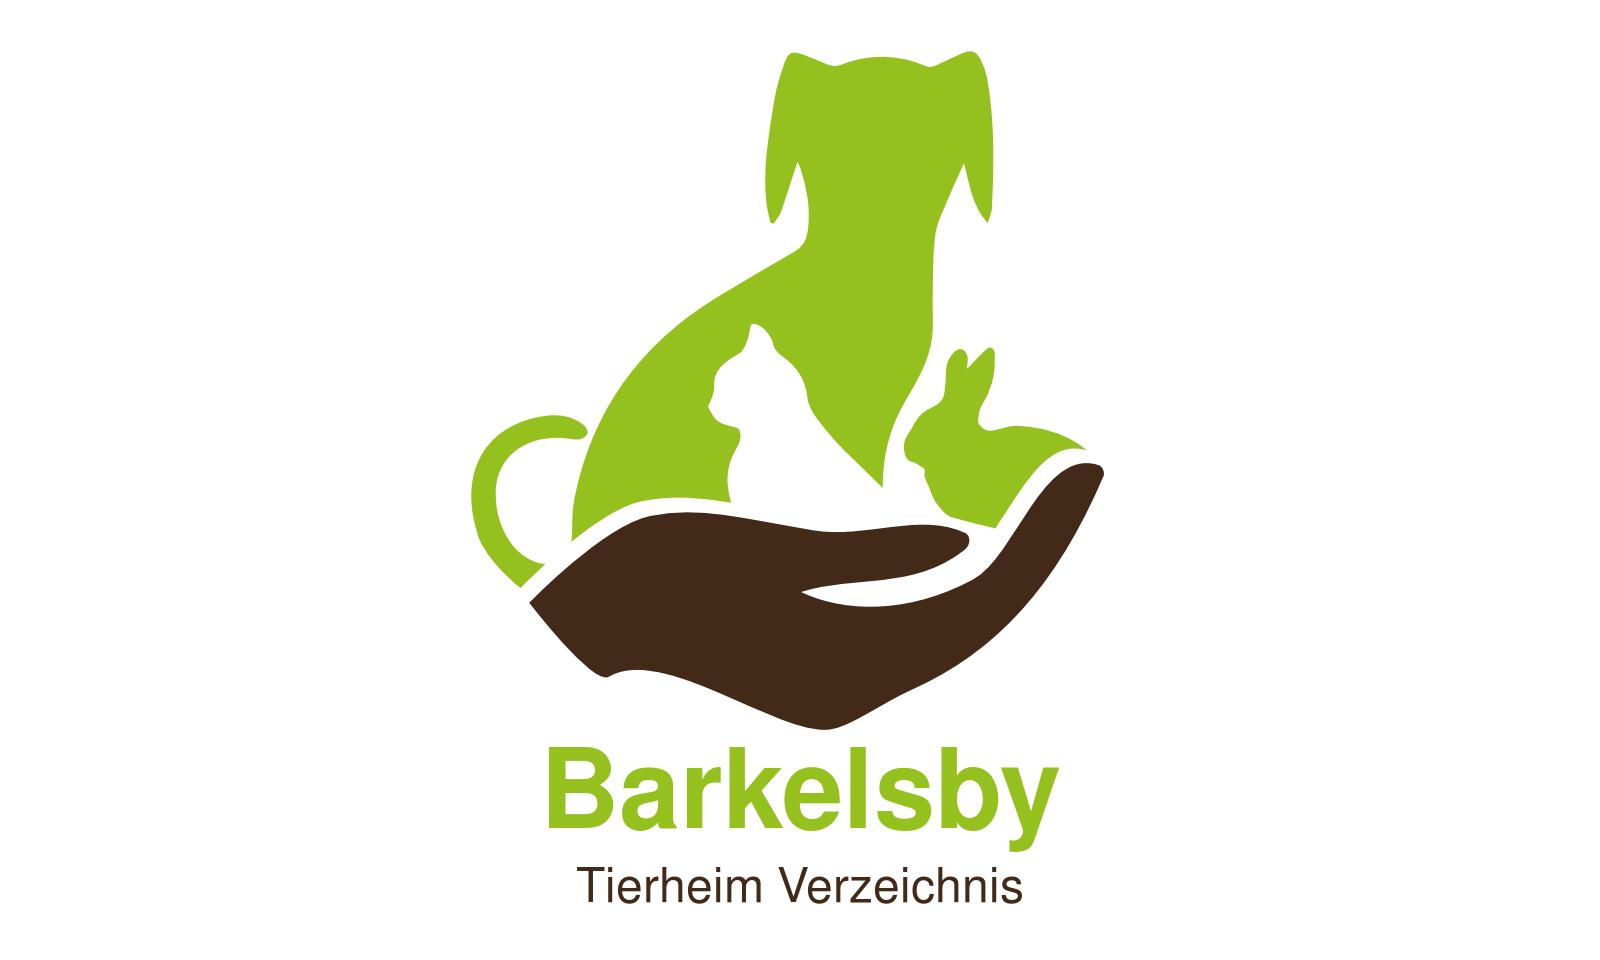 Tierheim Barkelsby